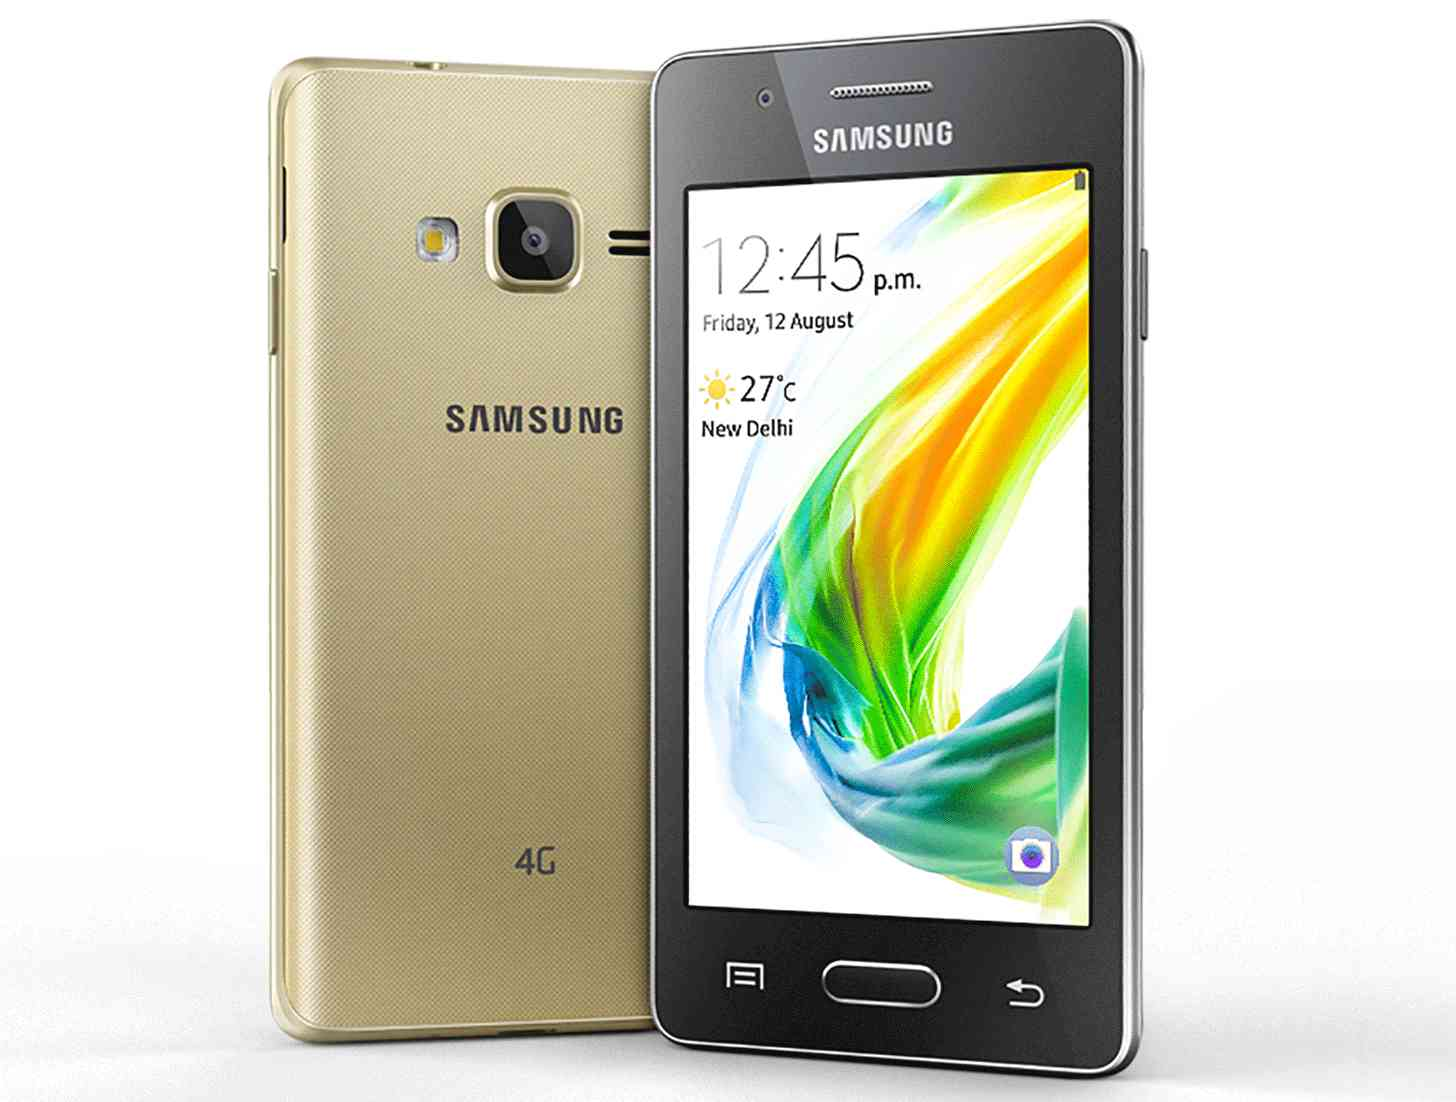 Samsung Z2 Tizen smartphone official